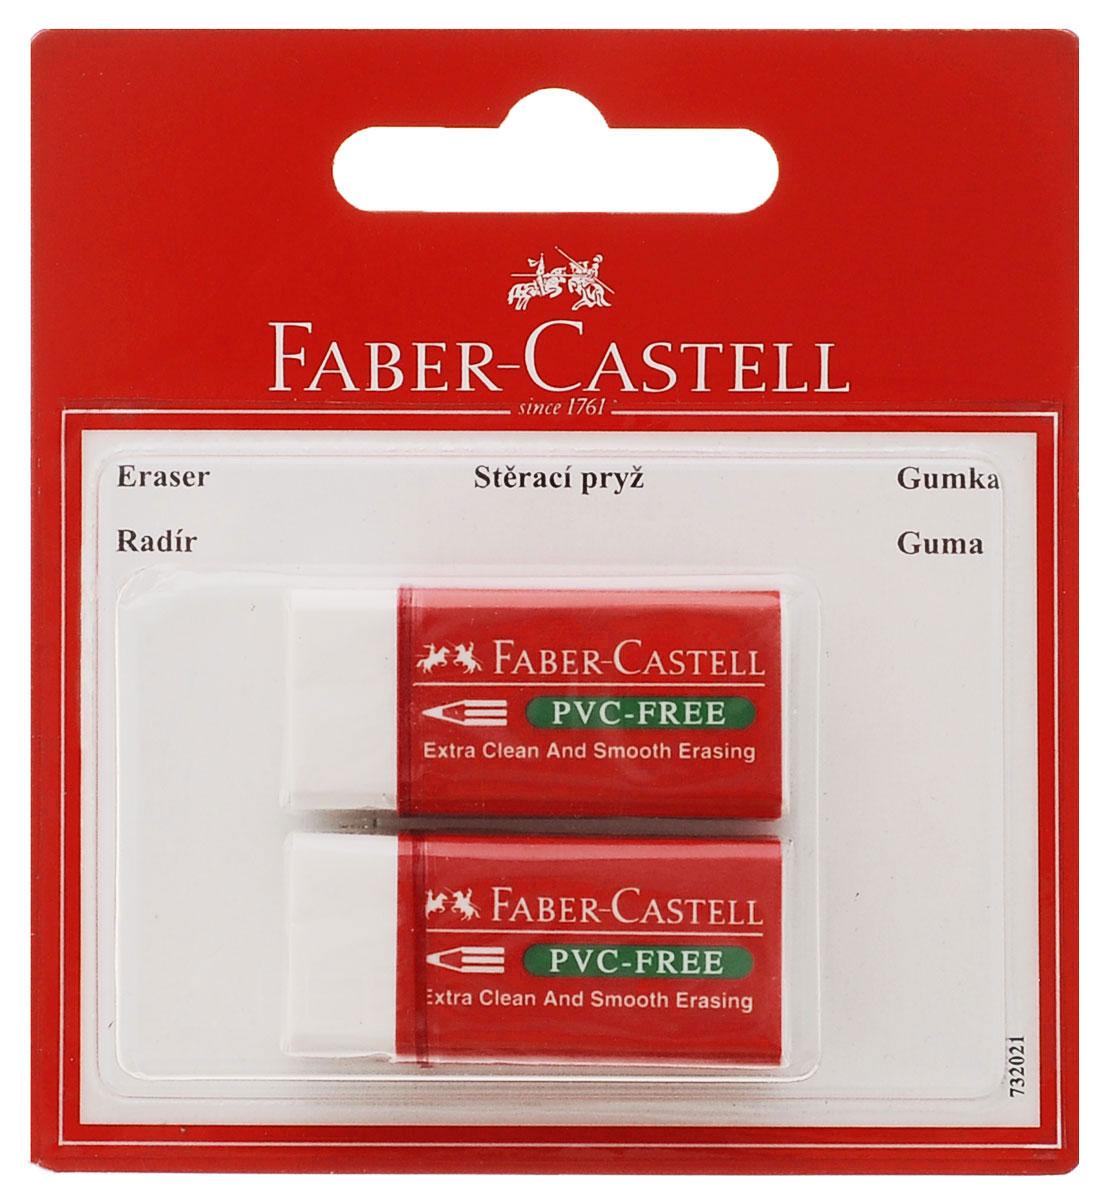 Faber-Castell Ластик термопластический 7095 2 шт263400Ластик Faber-Castell из термопластического материала в красной защитной упаковке, не содержит ПВХ, пригоден для графитных простых и цветных карандашей. Размеры ластика: 4 см х 2 см х 1 см. В комплекте 2 ластика.